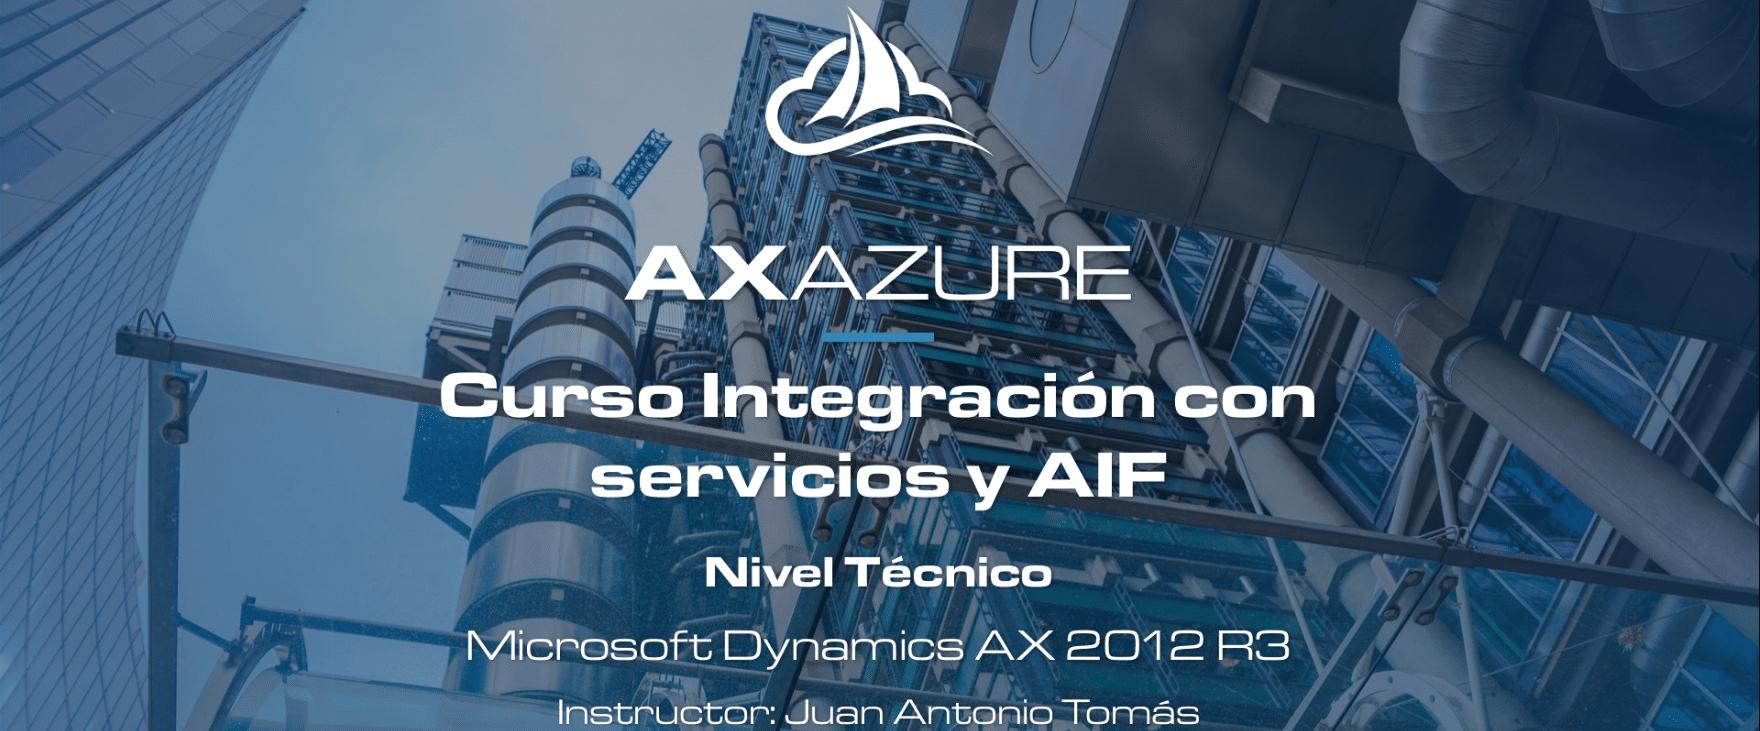 Nuevo Curso Técnico en AXAZURE: Integración con Servicios y AIF en Microsoft Dynamics AX 2012